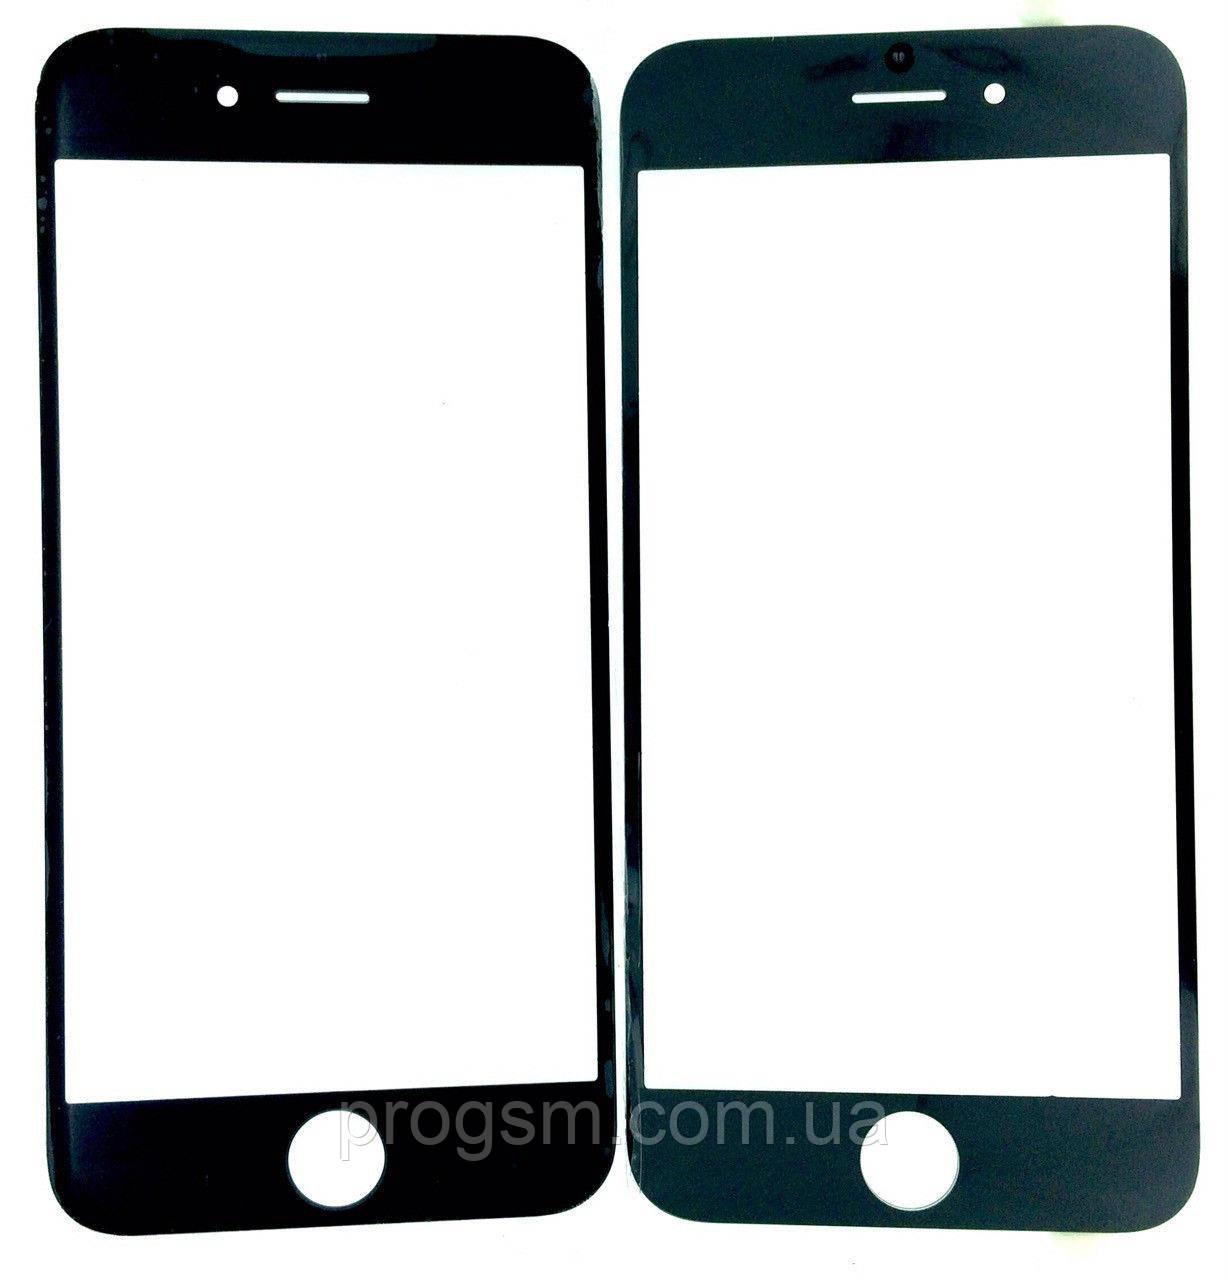 Стекло Дисплея Iphone 6 (4.7) Black (Для Переклейки)